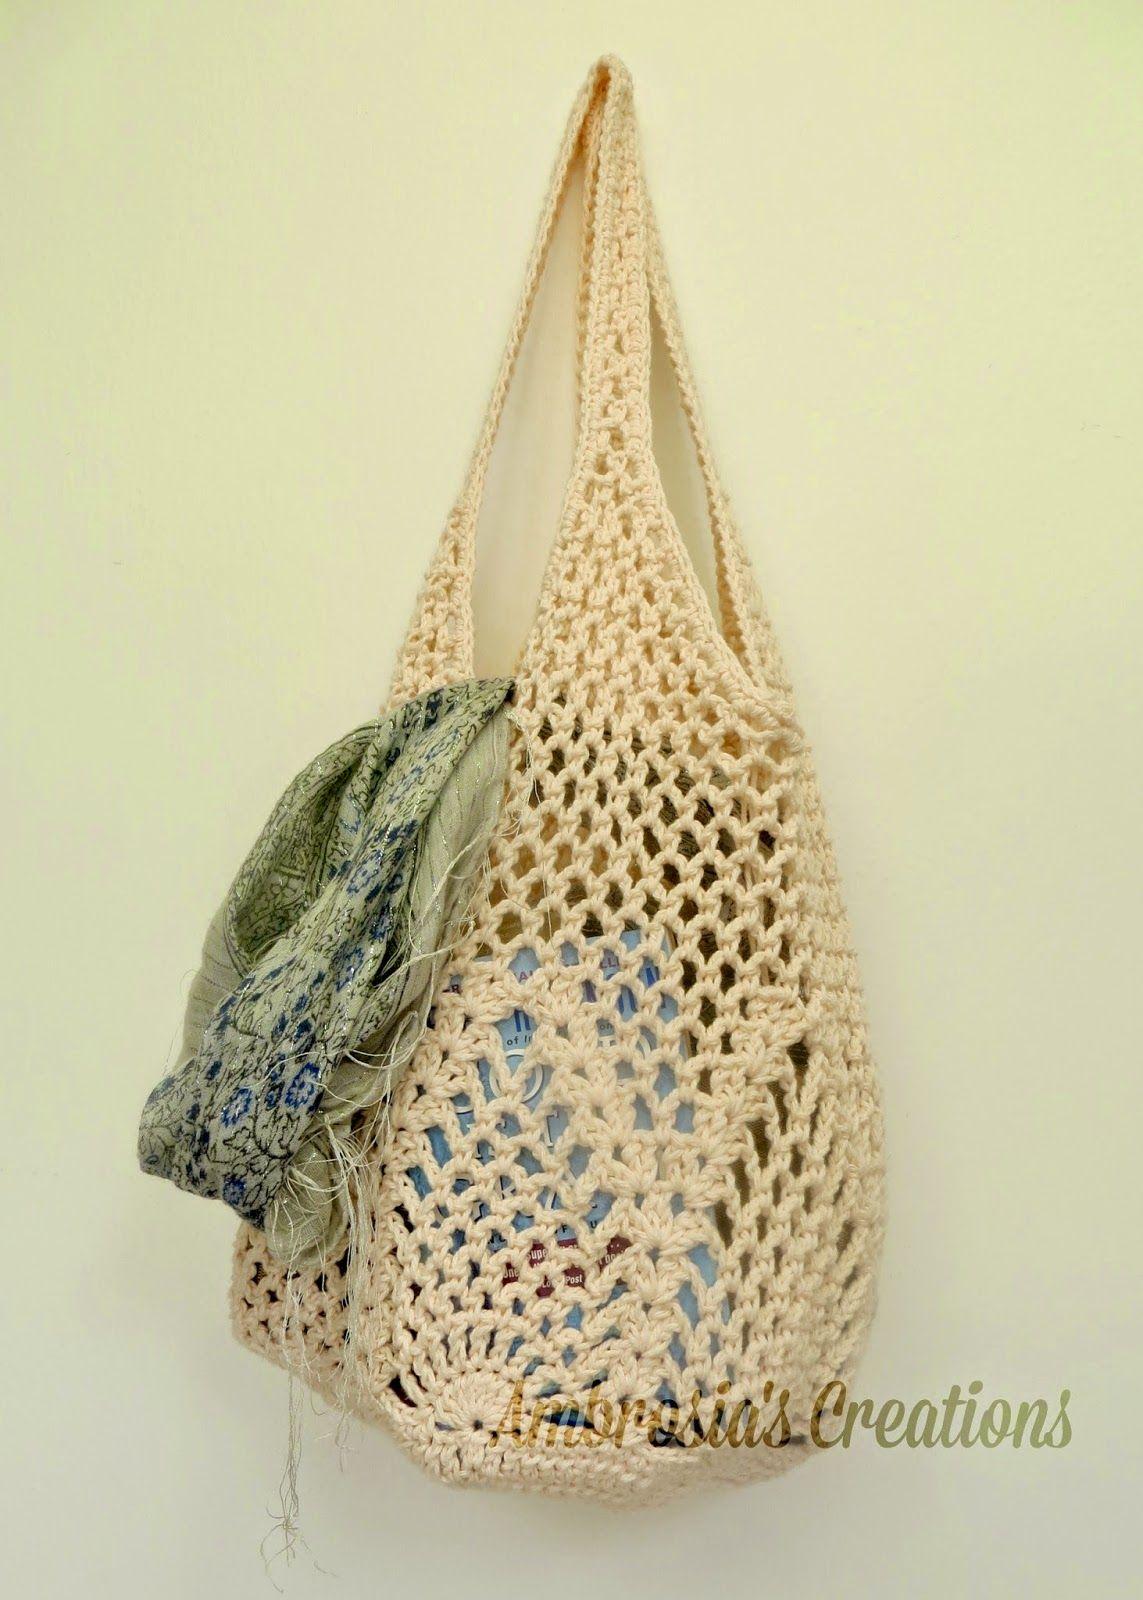 Ambrosia S Creations Pattern Pinele Crochet Market Bag Chart Translation